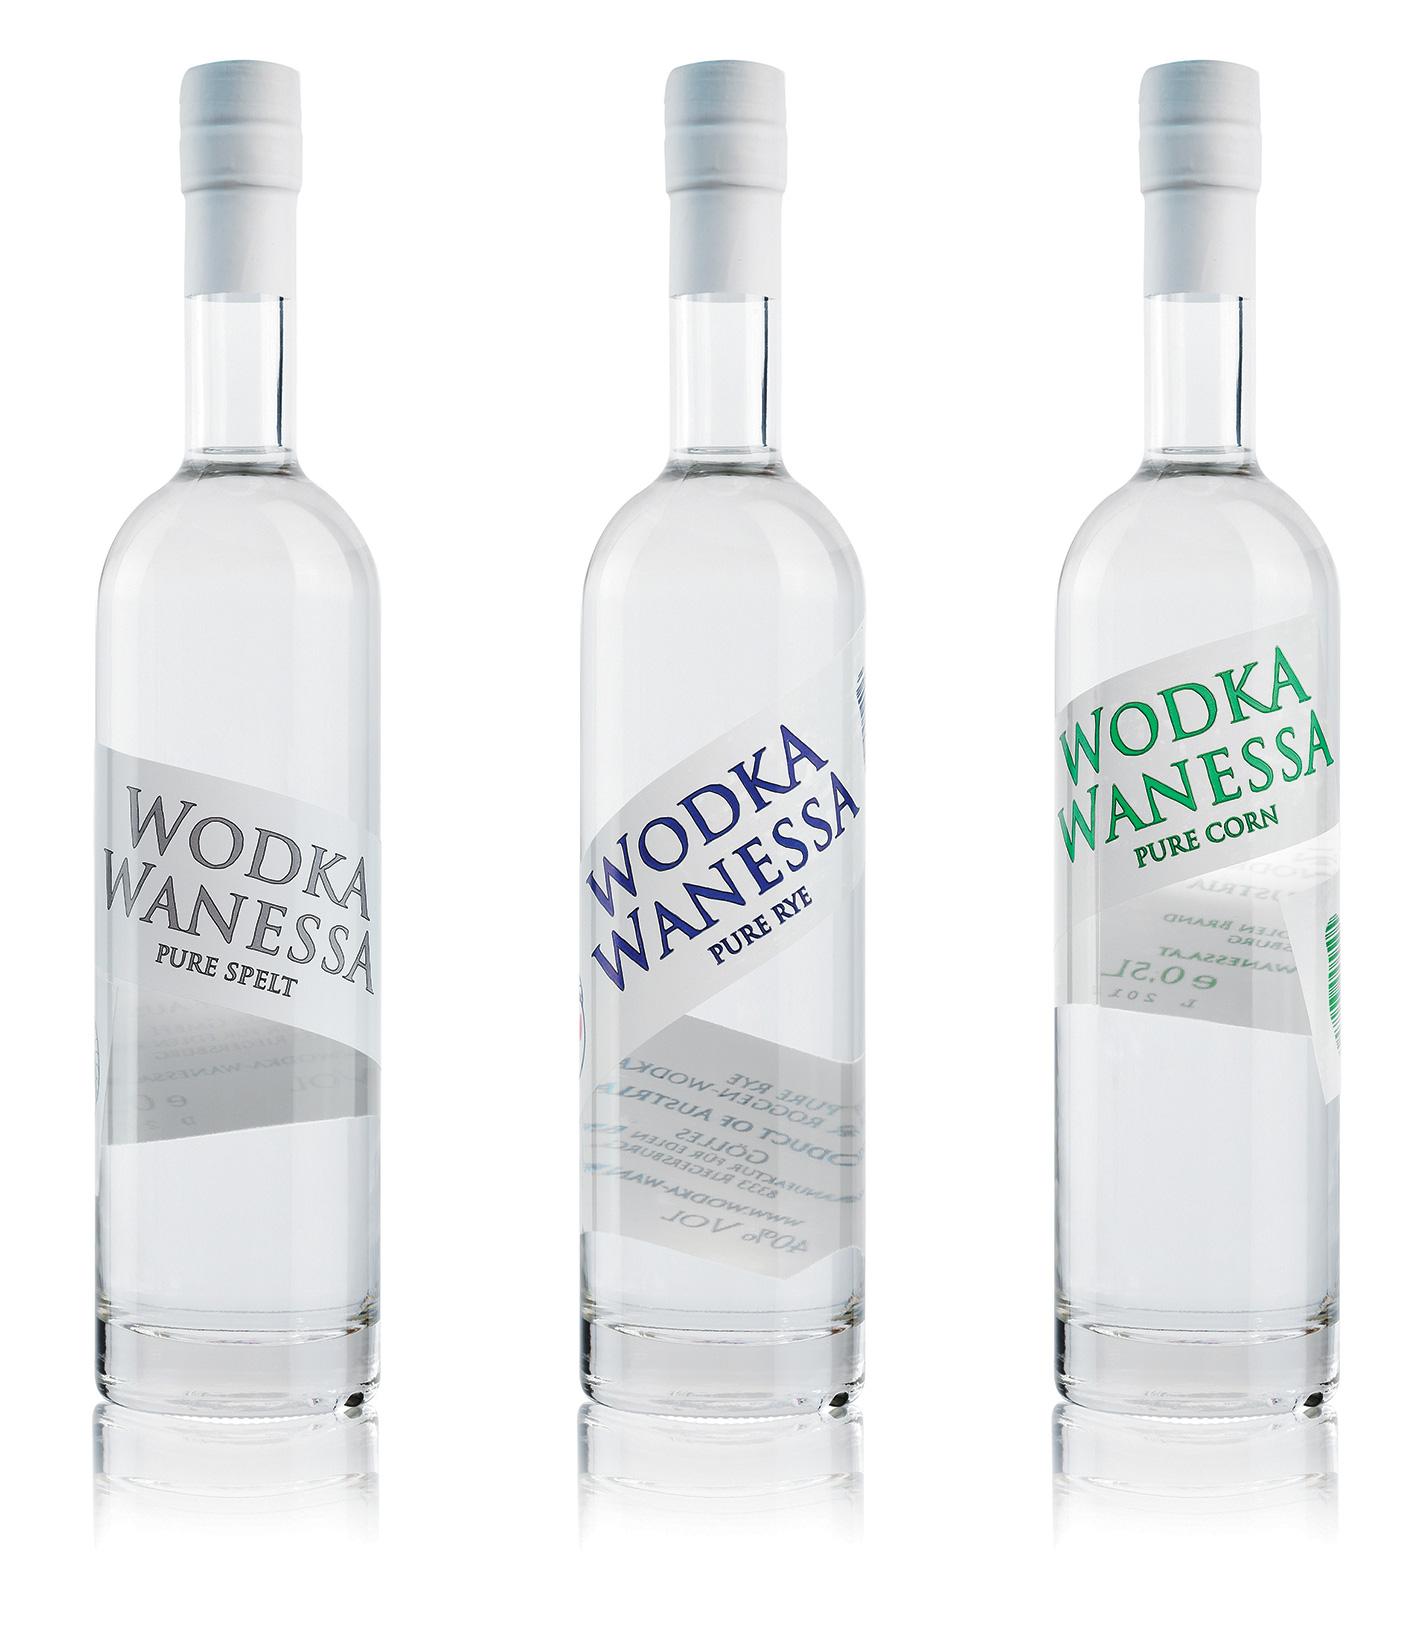 Wodka Wanessa Flaschen Labeldesign